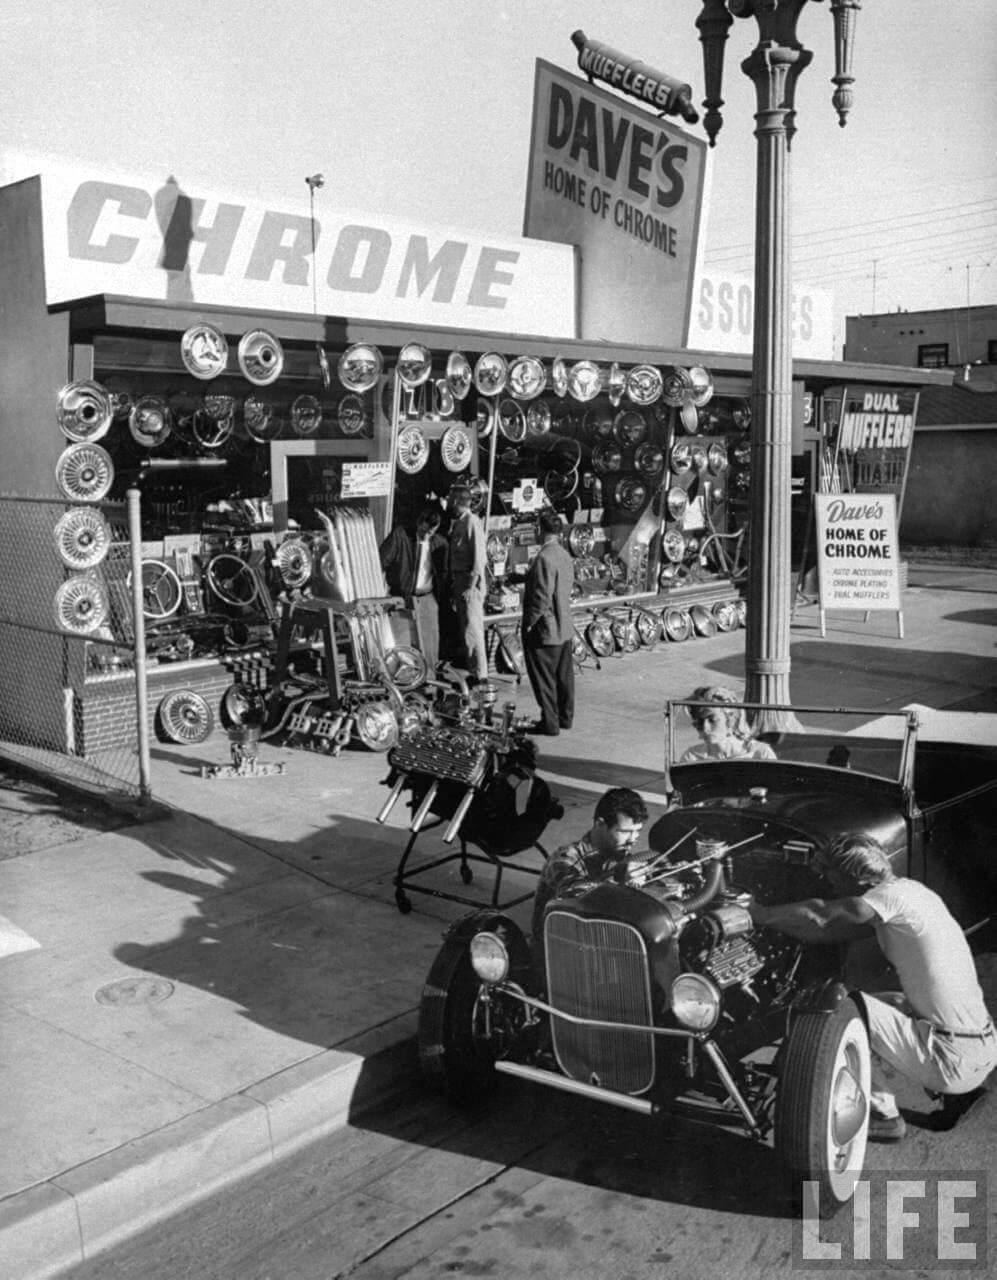 Hot rod varaosaliike kadunkulmassa vuonna 1957